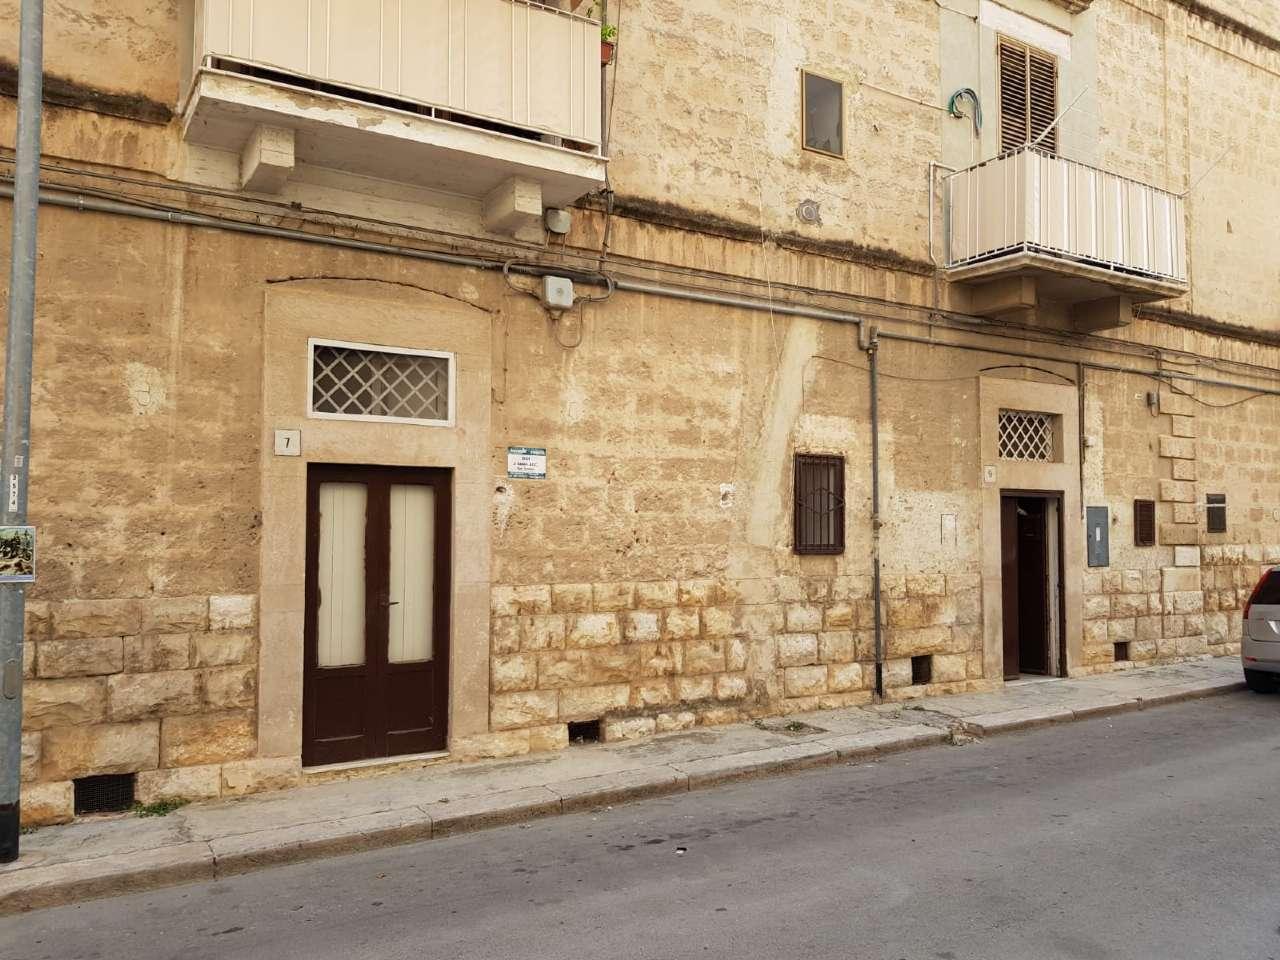 Appartamento in vendita a Bisceglie, 2 locali, prezzo € 45.000   CambioCasa.it